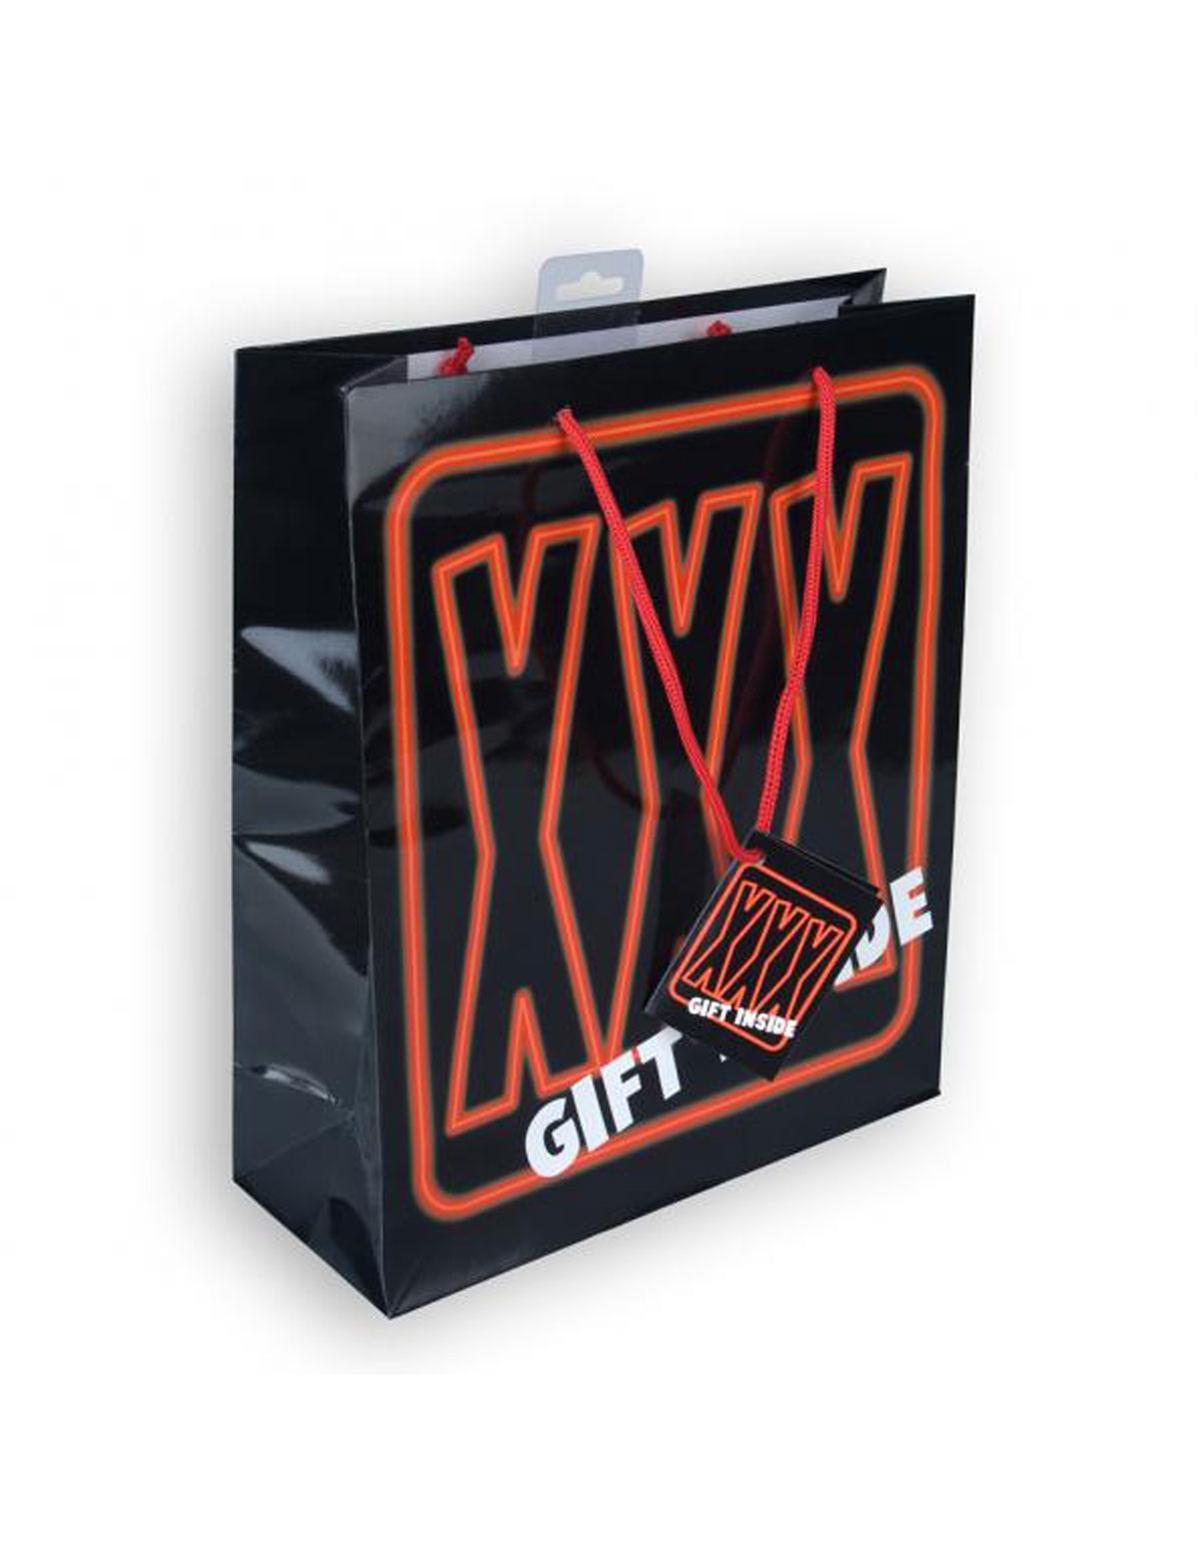 Xxx Gift Inside Bag